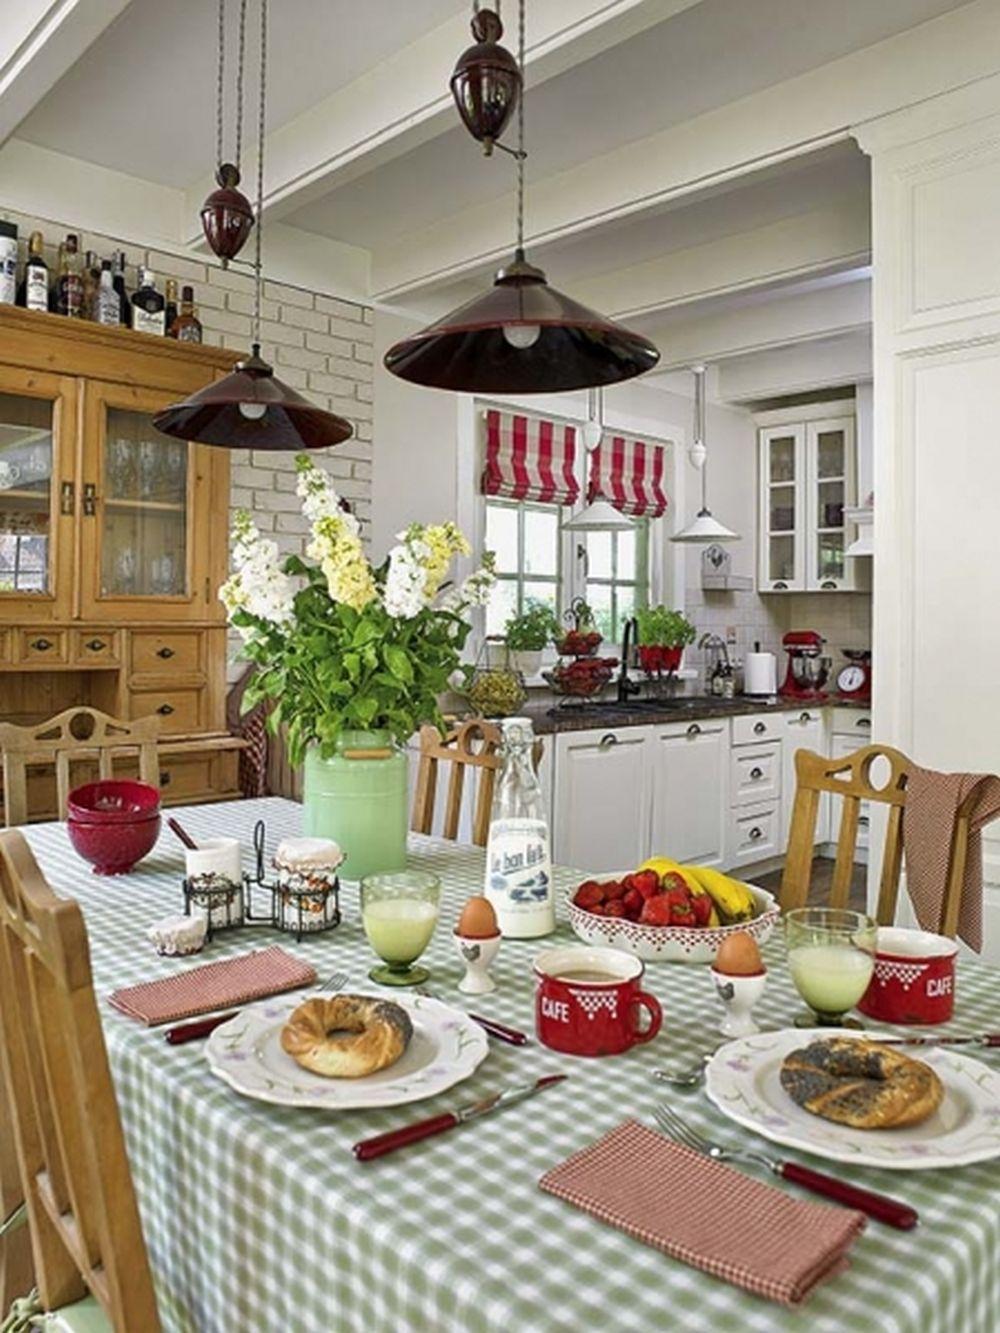 adelaparvu.com despre casa in stil rustic, Polonia, Foto Michal Skorupski (4)